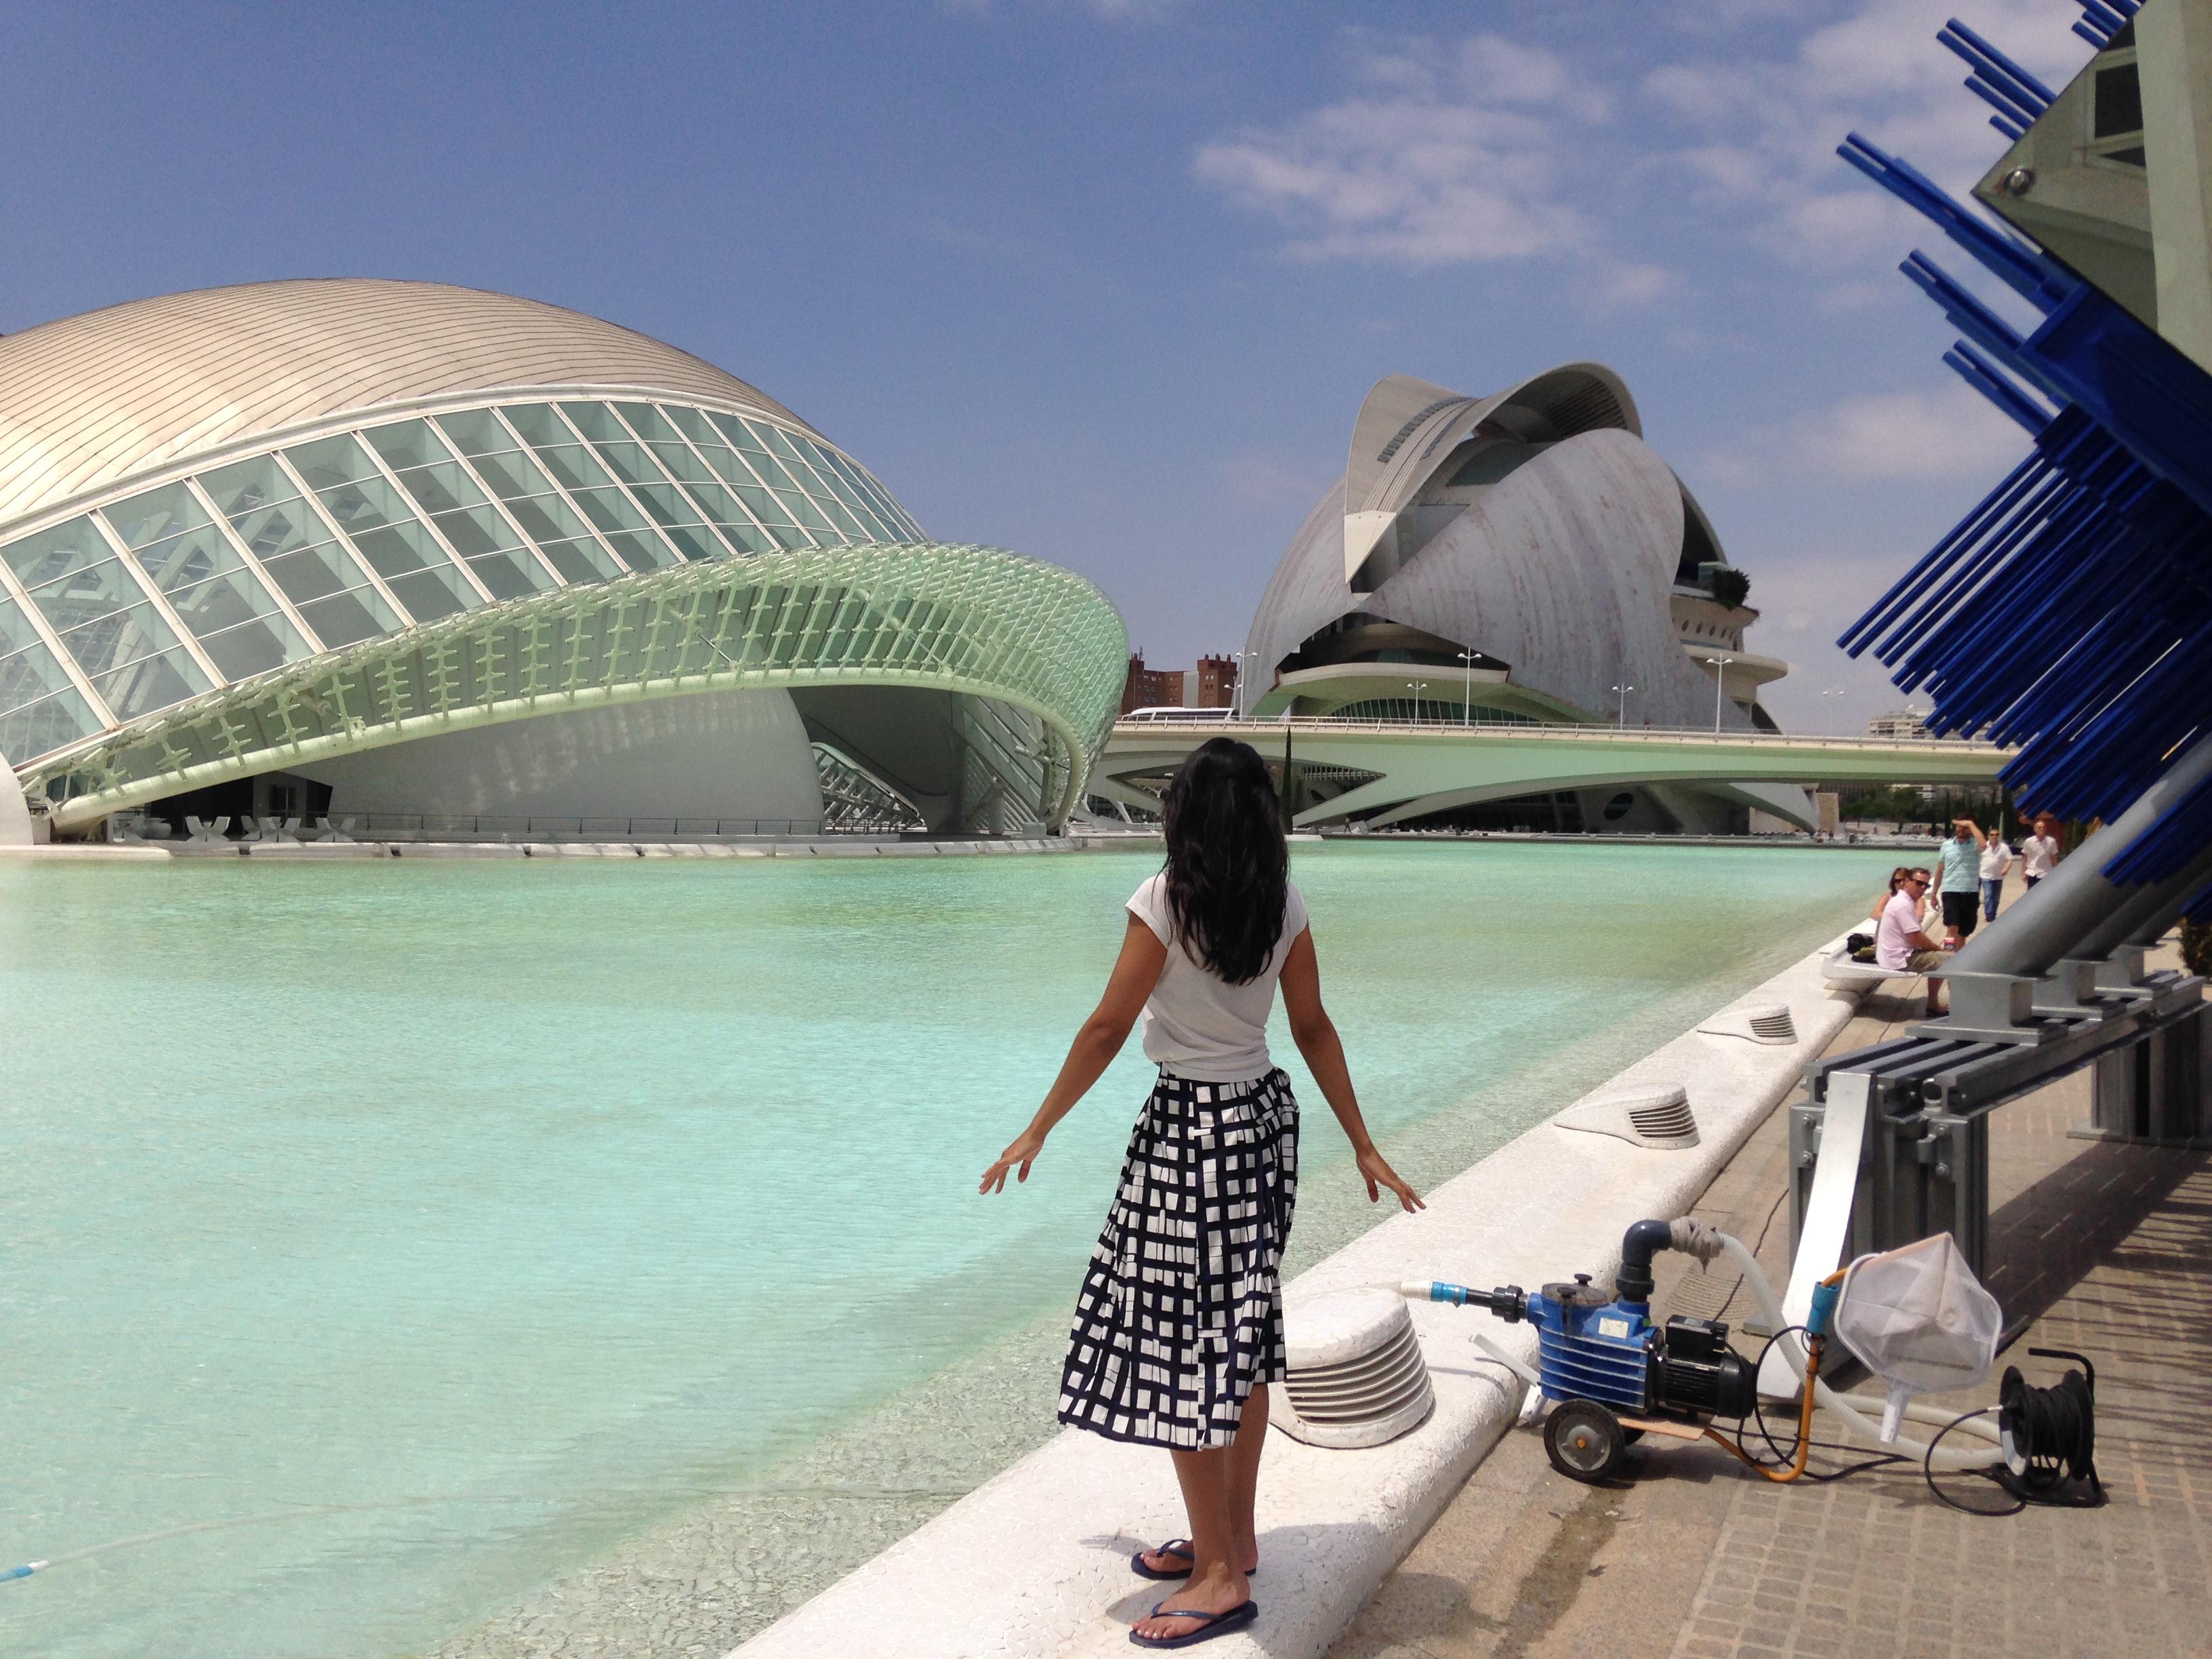 Valencia - The Fashion Orientalist